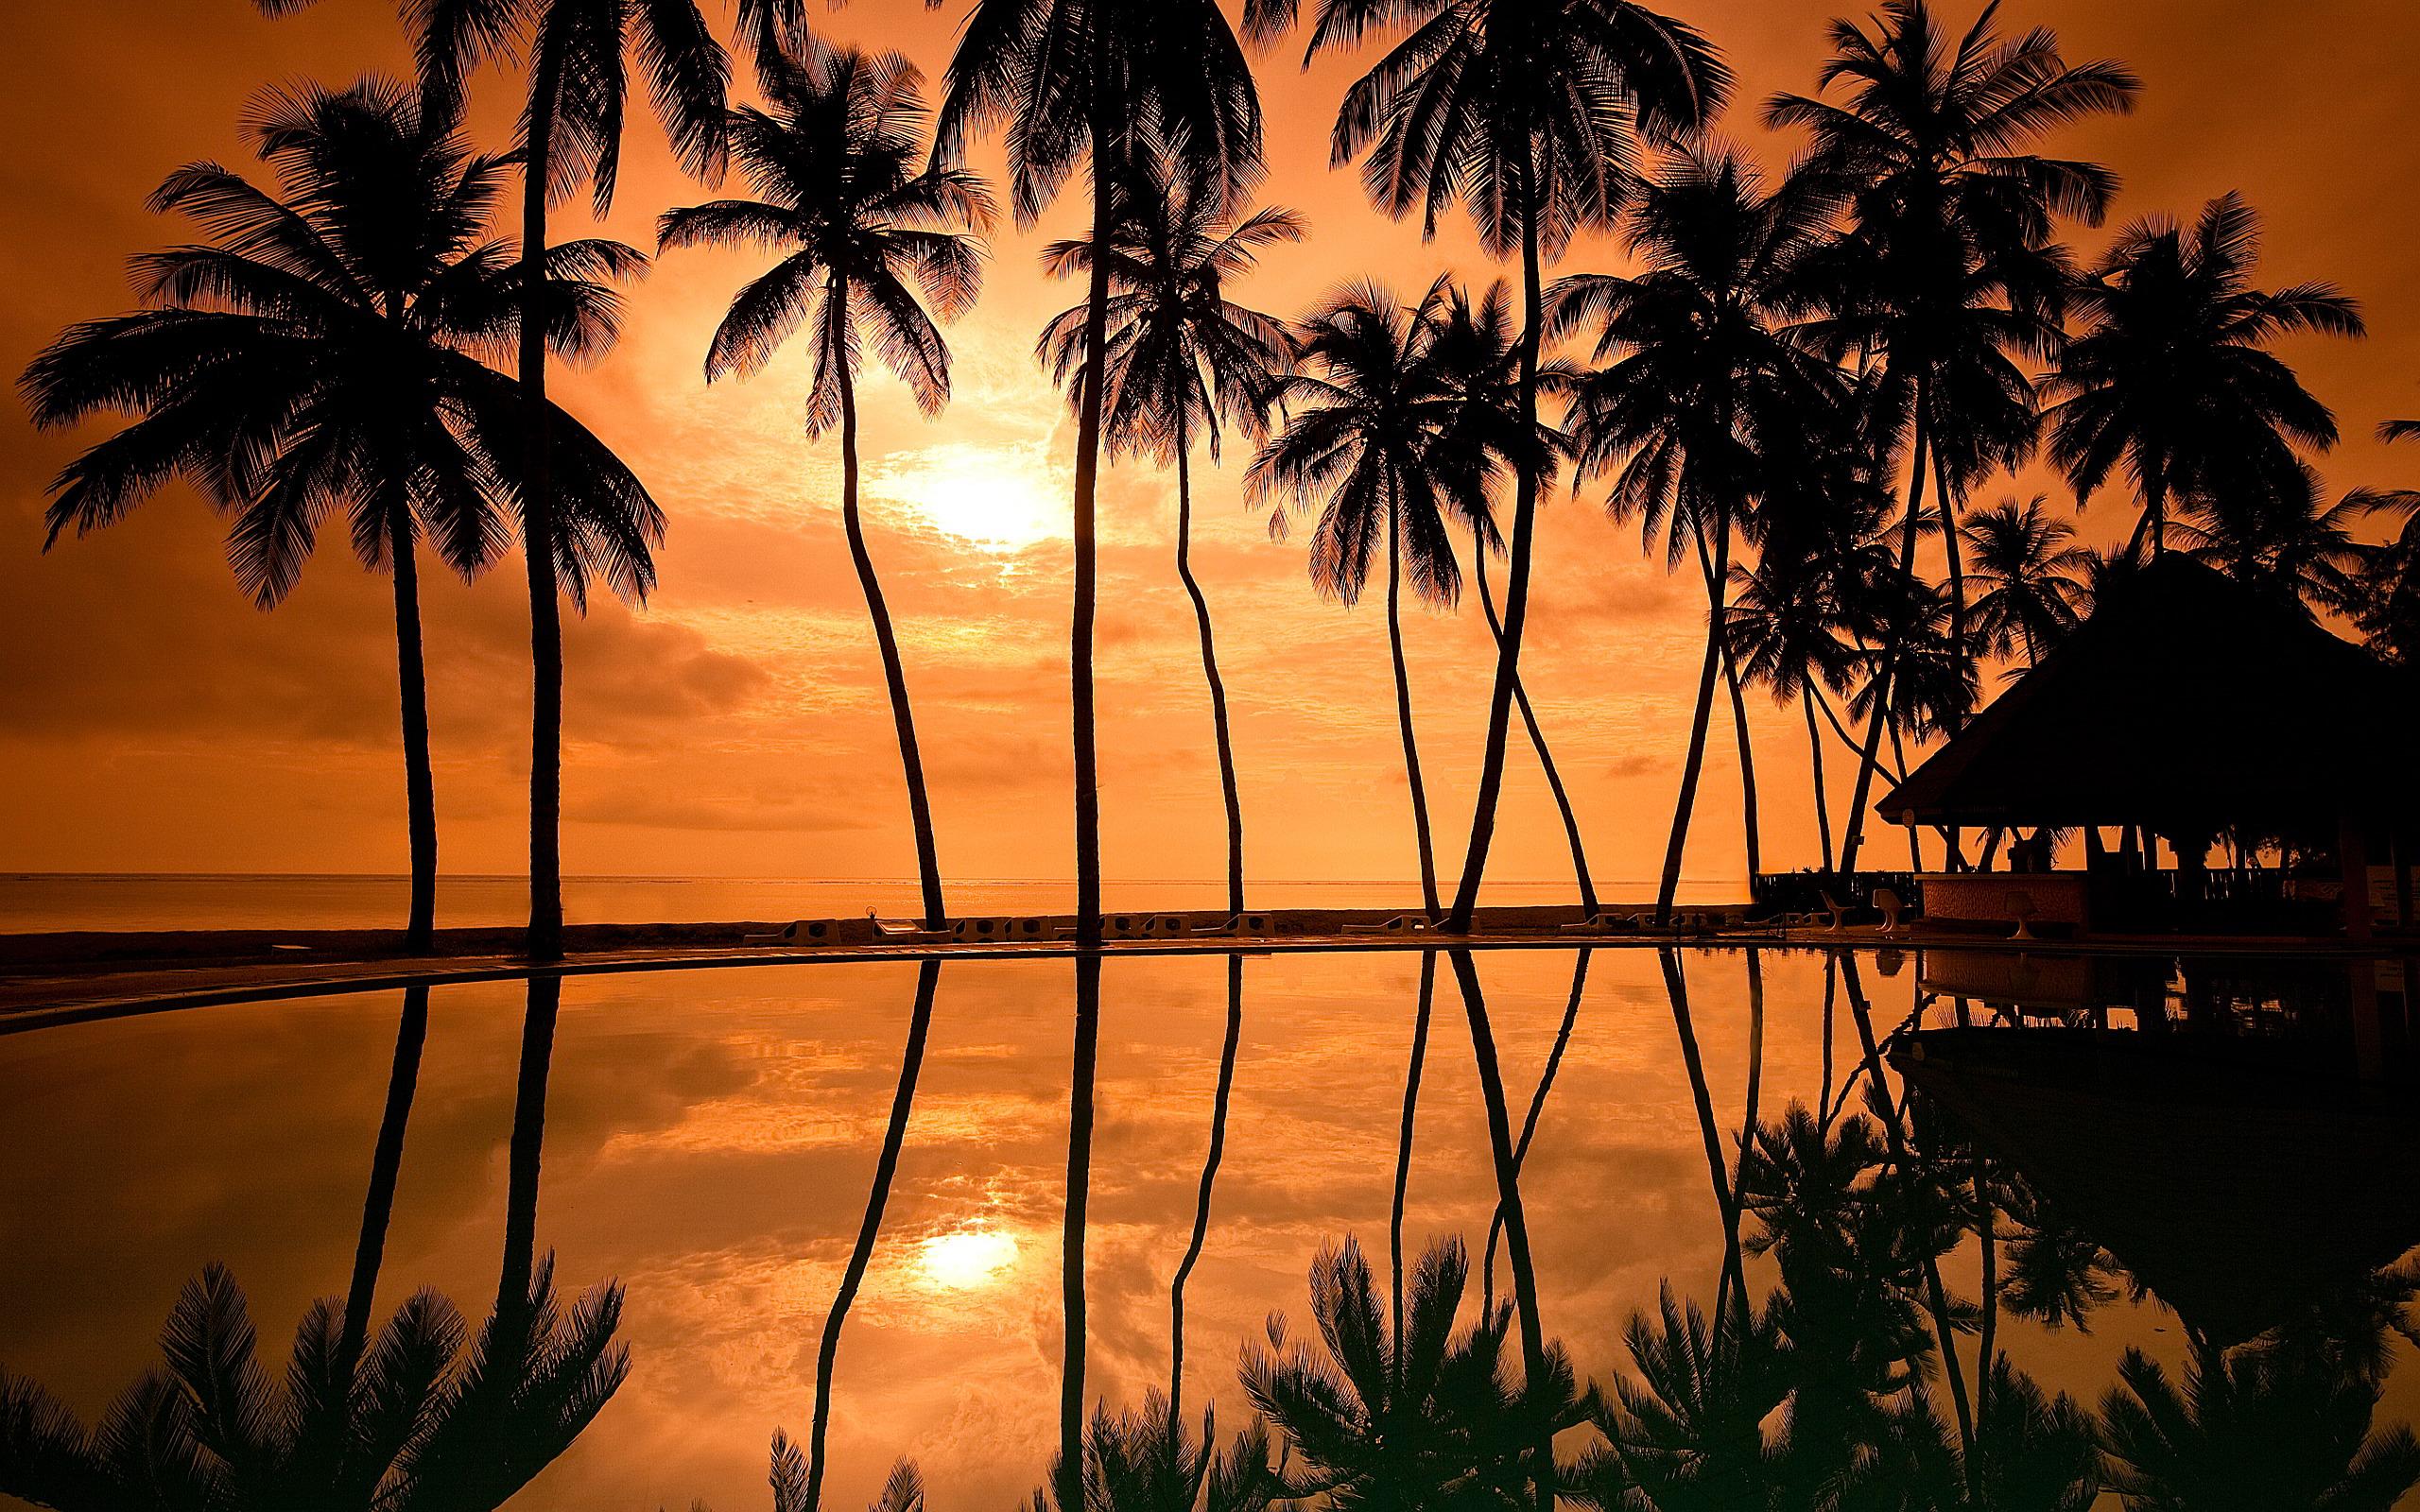 Sunset Hawaii Beach Wallpaper 2560x1600